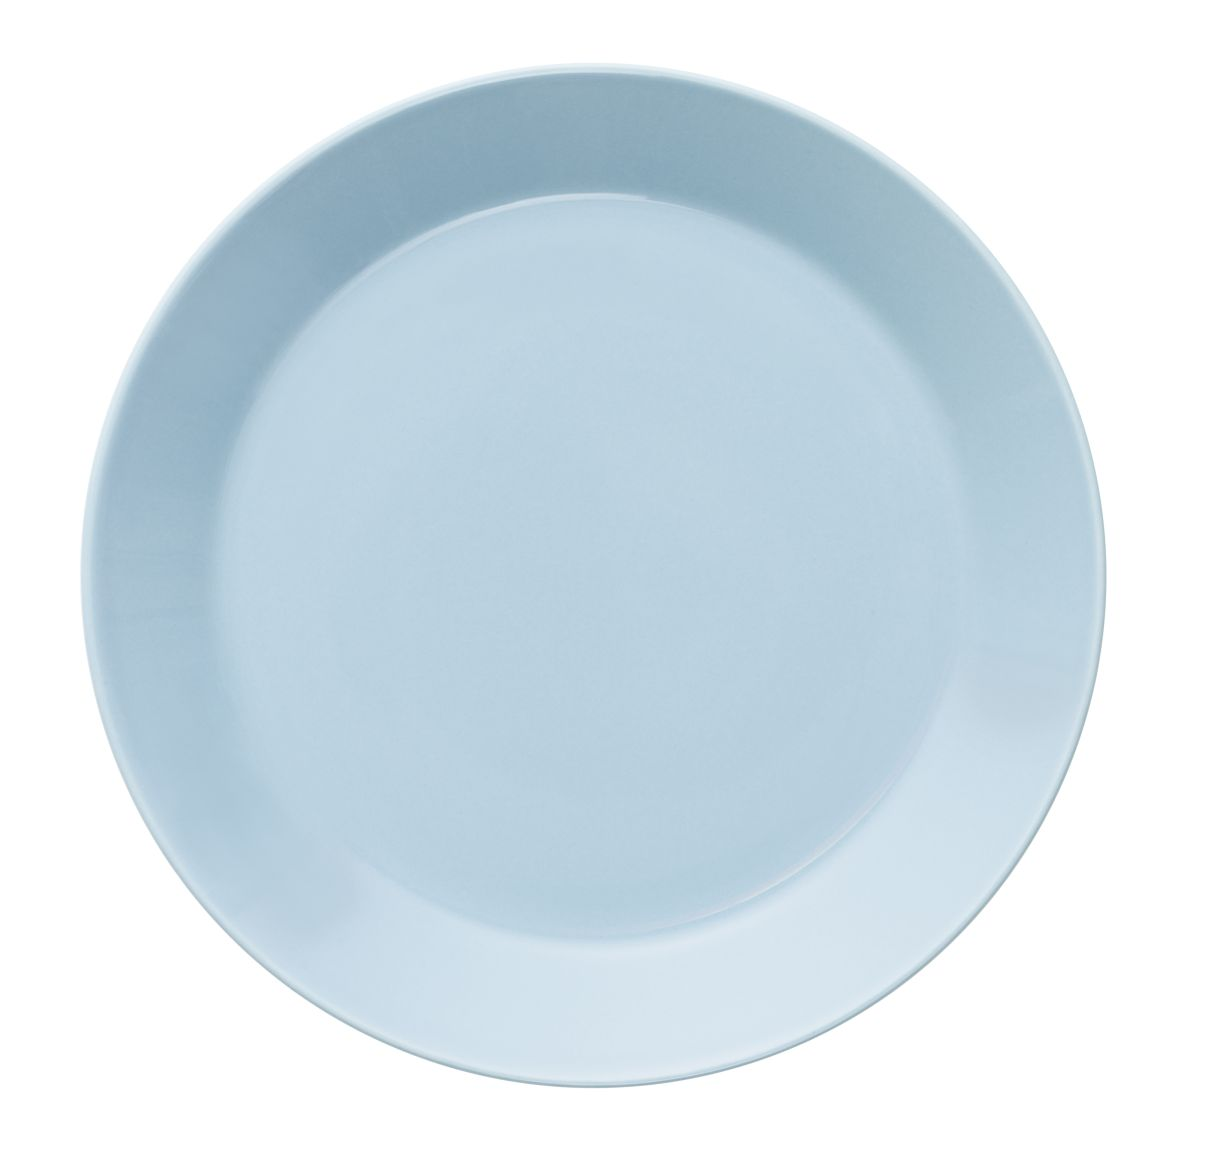 Teema_plate_21cm_light_blue_6411923657860.jpg